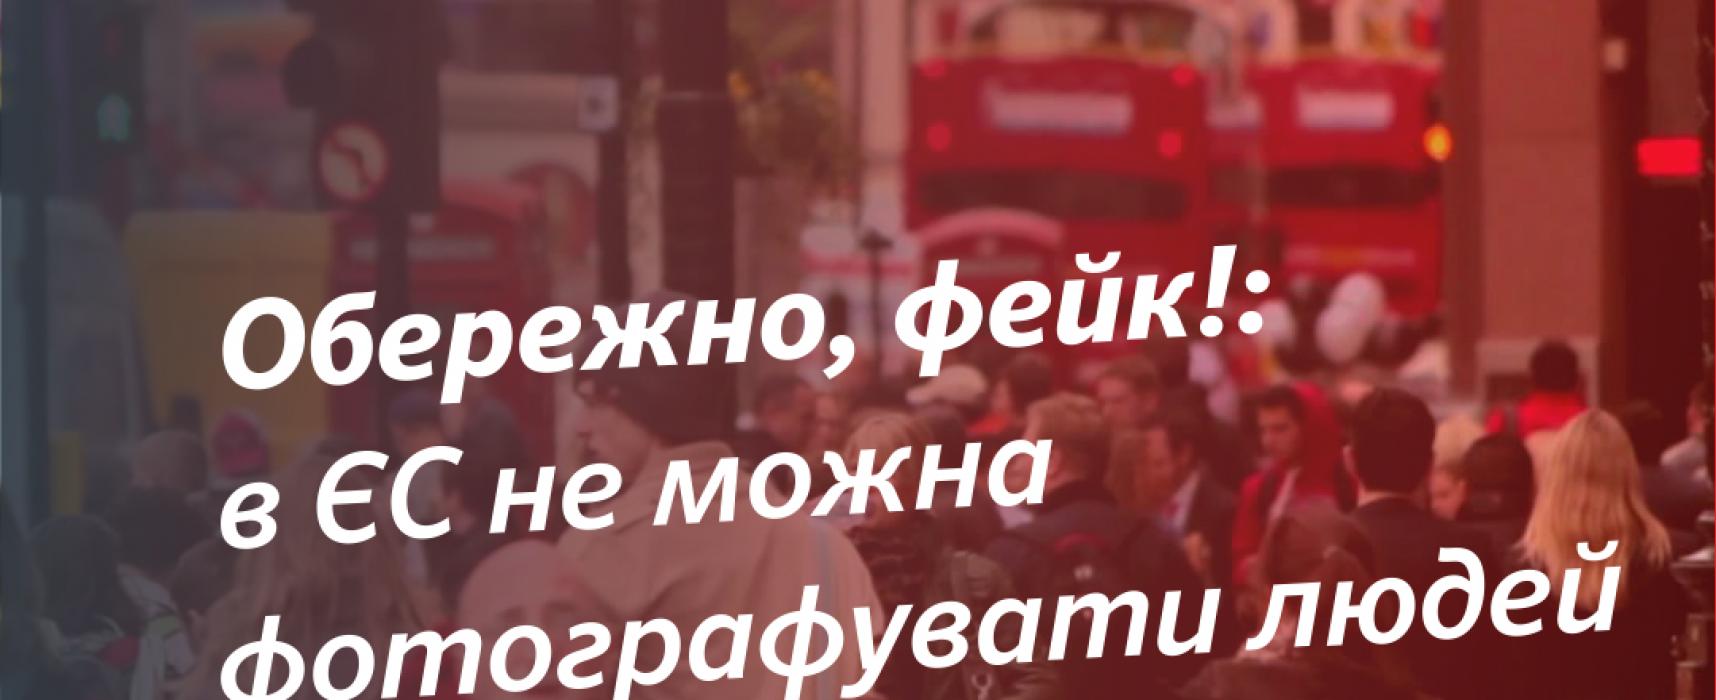 Обережно, фейк!: в ЄС не можна фотографувати людей – StopFake.org